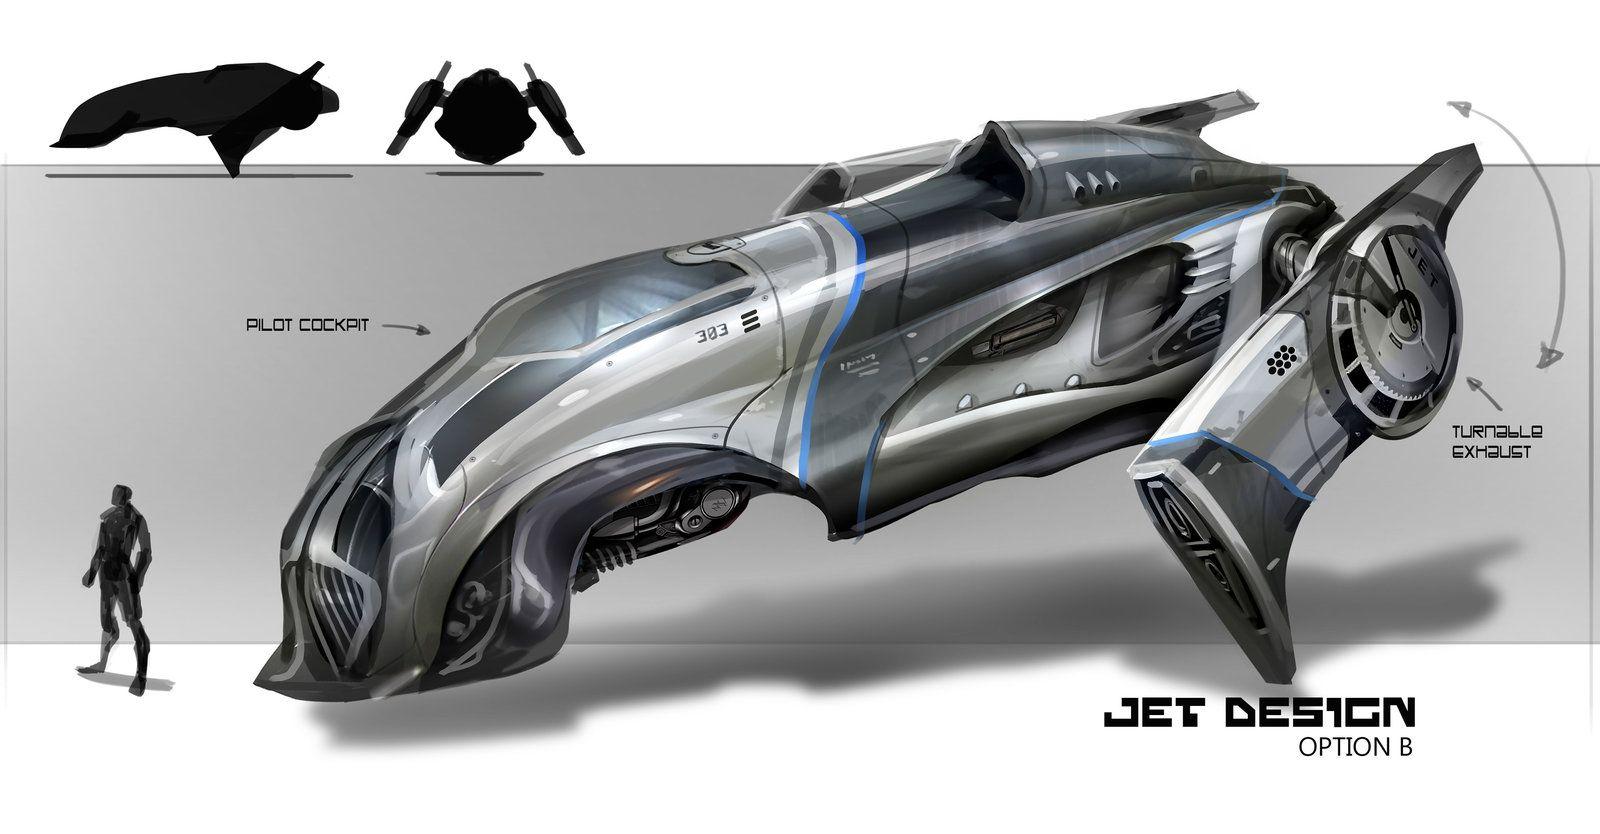 Ships Concept Design, jeremy chong on ArtStation at http://www.artstation.com/artwork/ships-concept-design